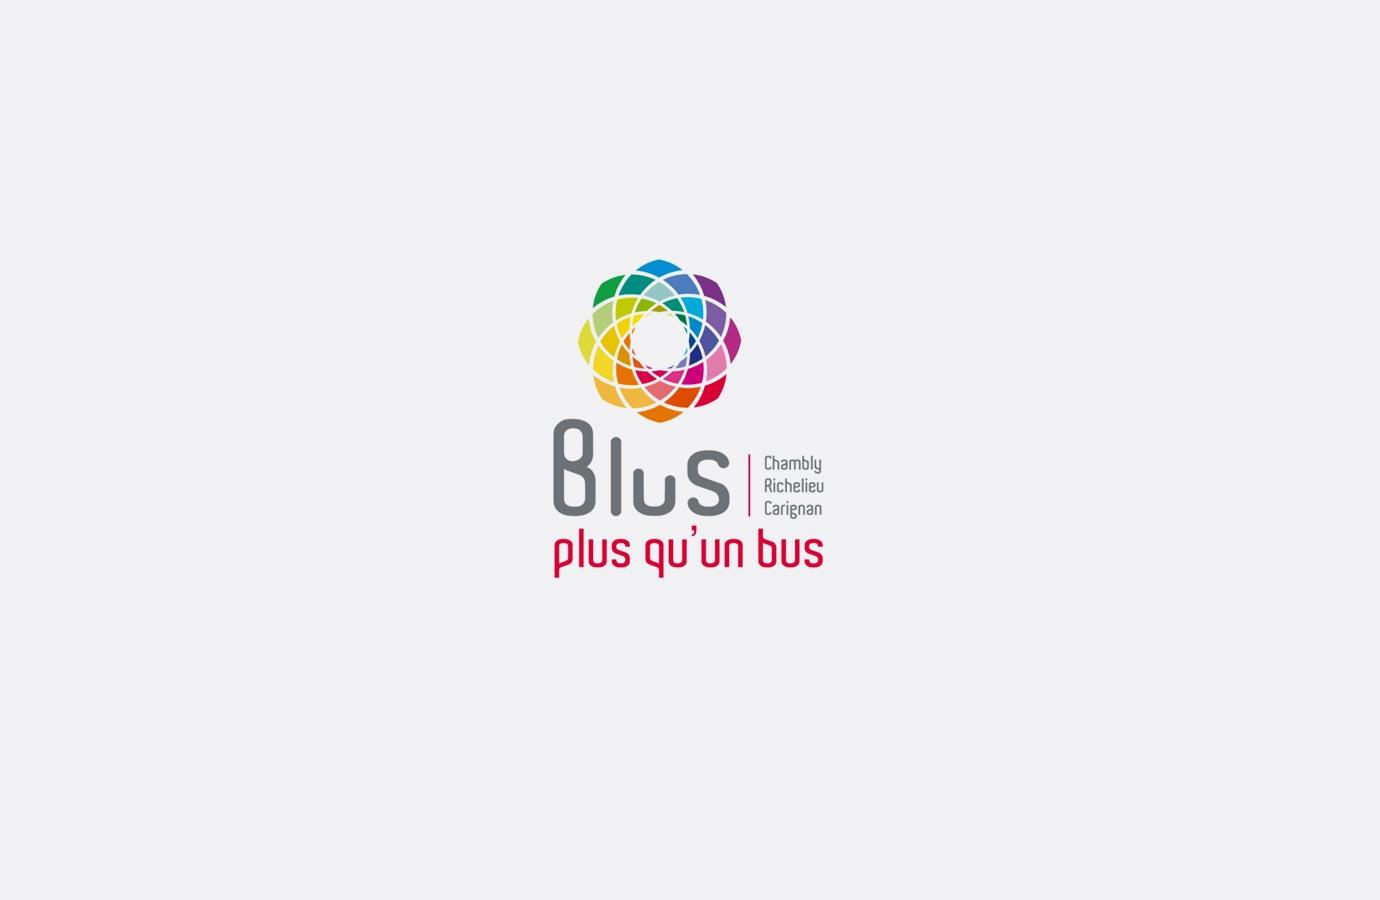 Identité service de transport Blus